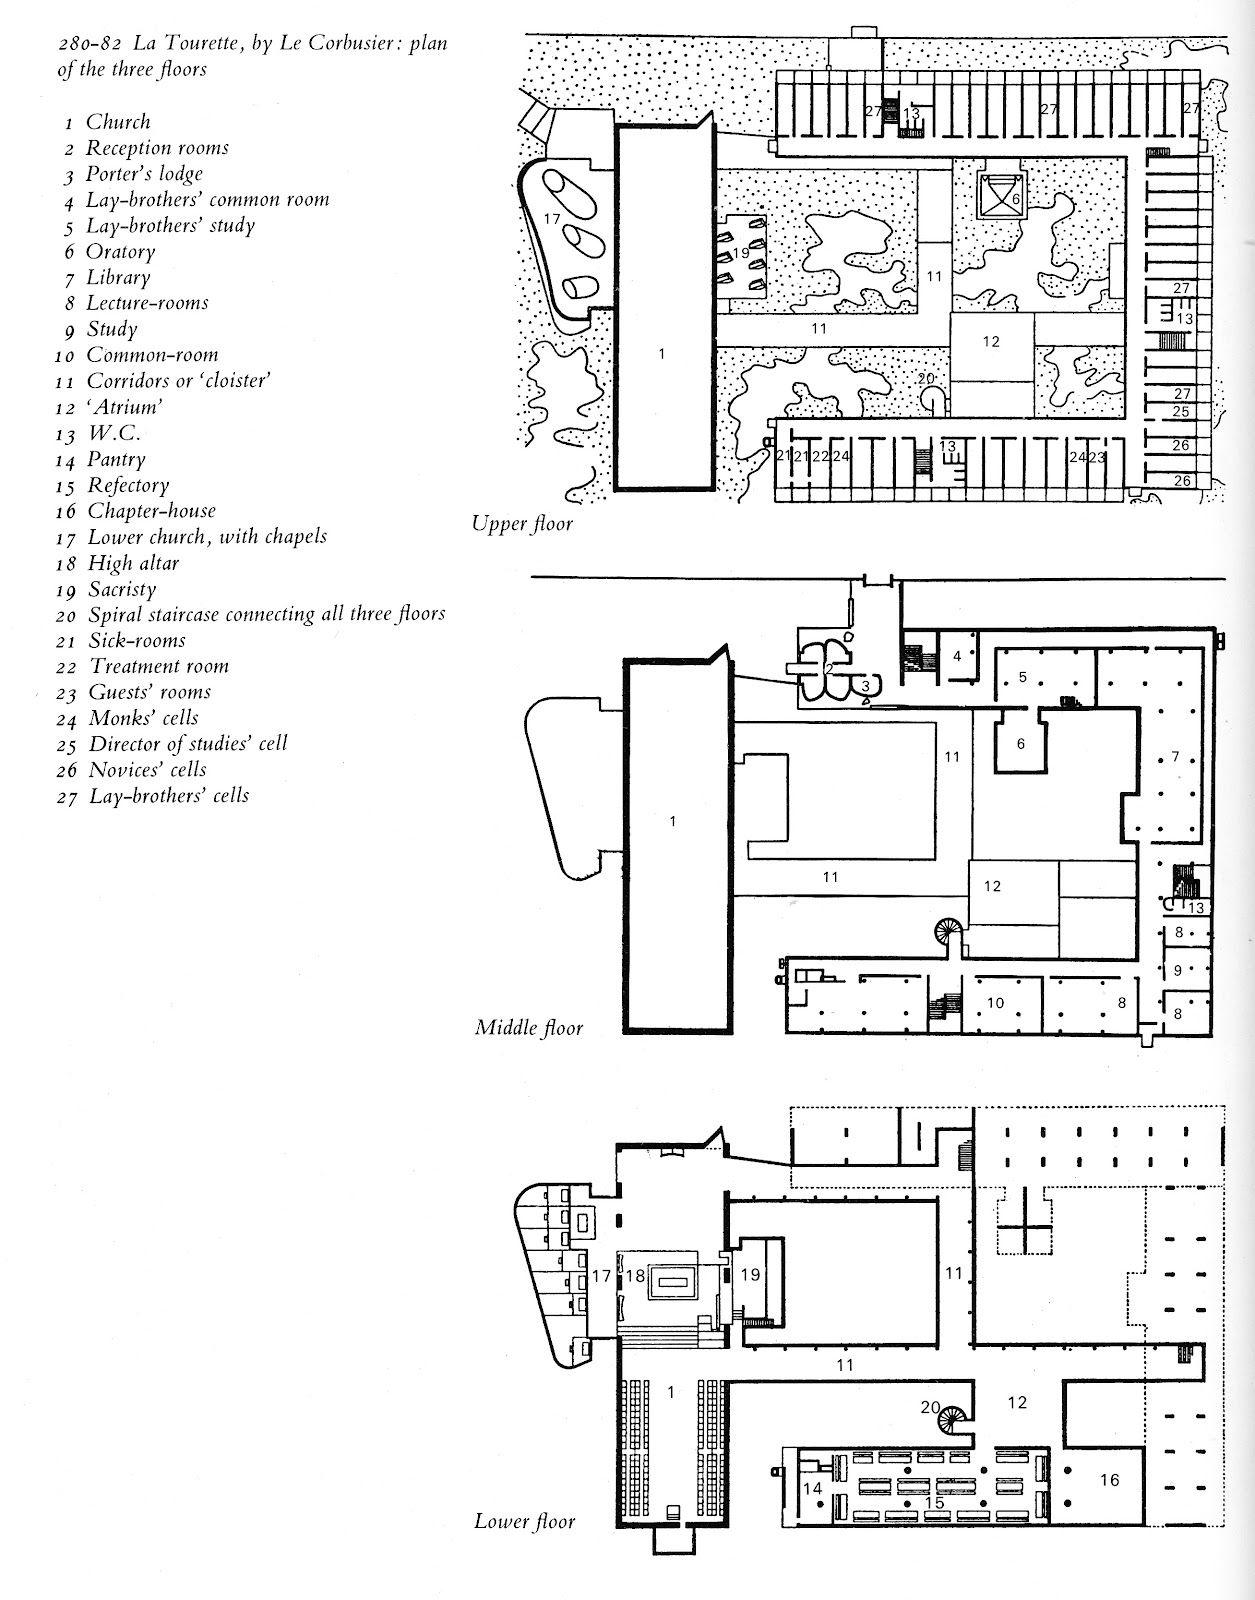 le corbusier sainte marie de la tourette convent 1956. Black Bedroom Furniture Sets. Home Design Ideas